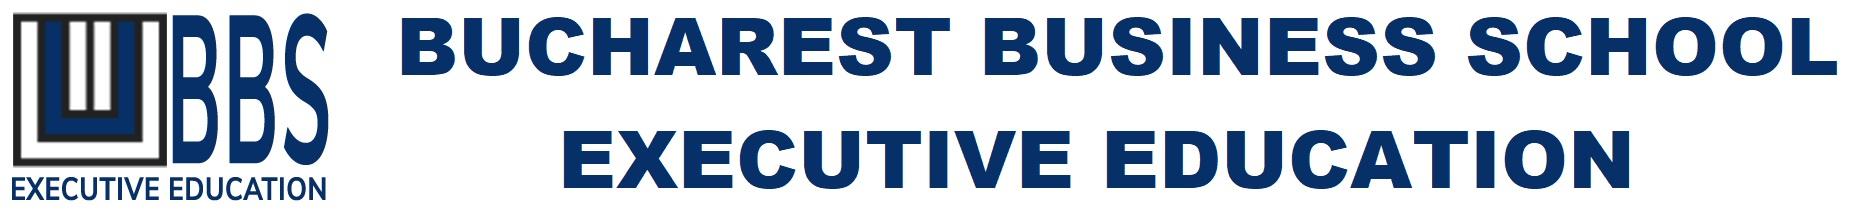 BBS-Executive